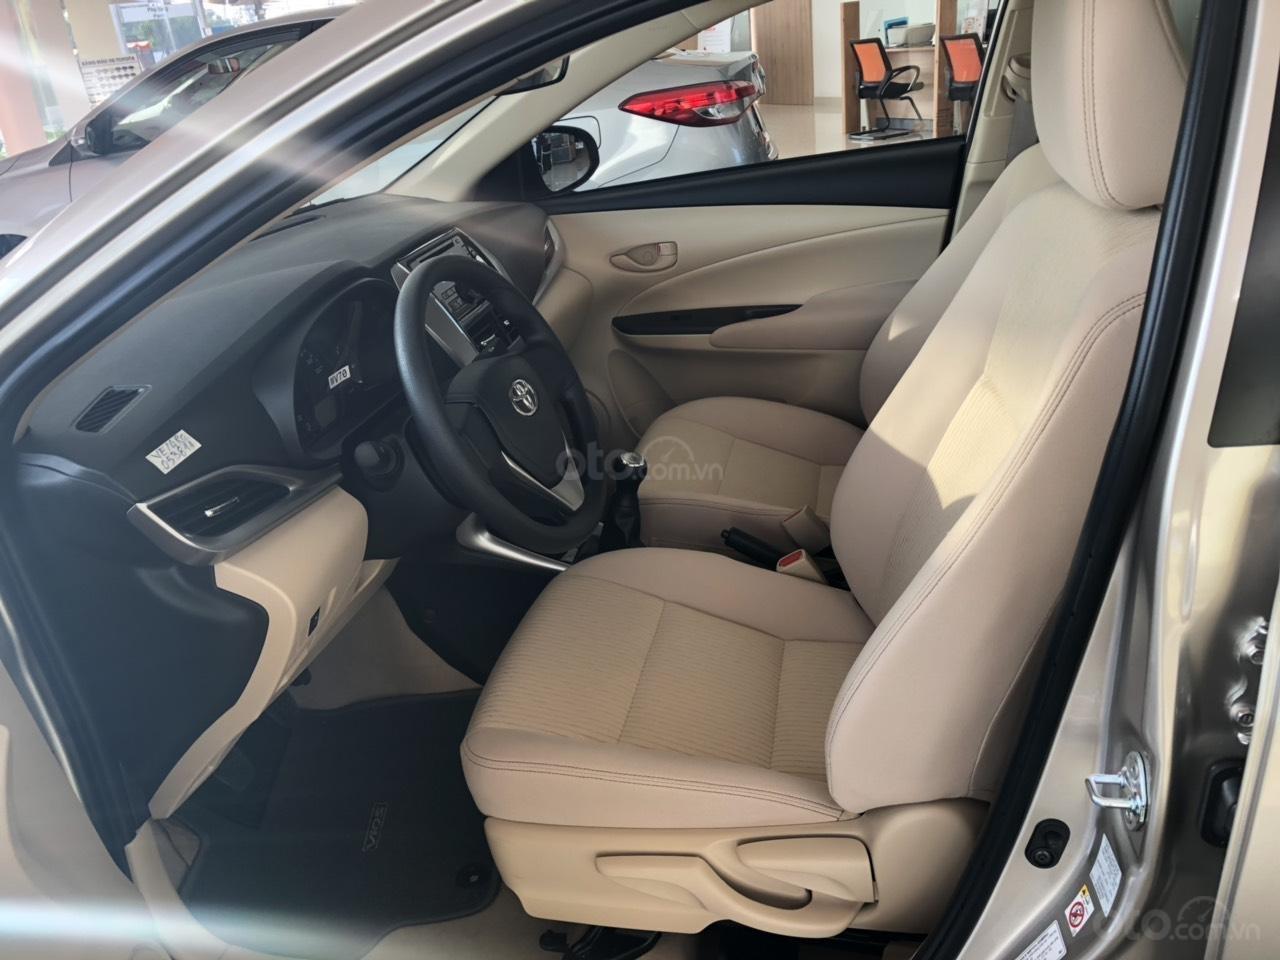 Bán Toyota Vios 1.5E số sàn, màu nâu vàng, hỗ trợ vay 90%, đăng ký Grab, thanh toán 130tr nhận xe - Toyota An Thành-3